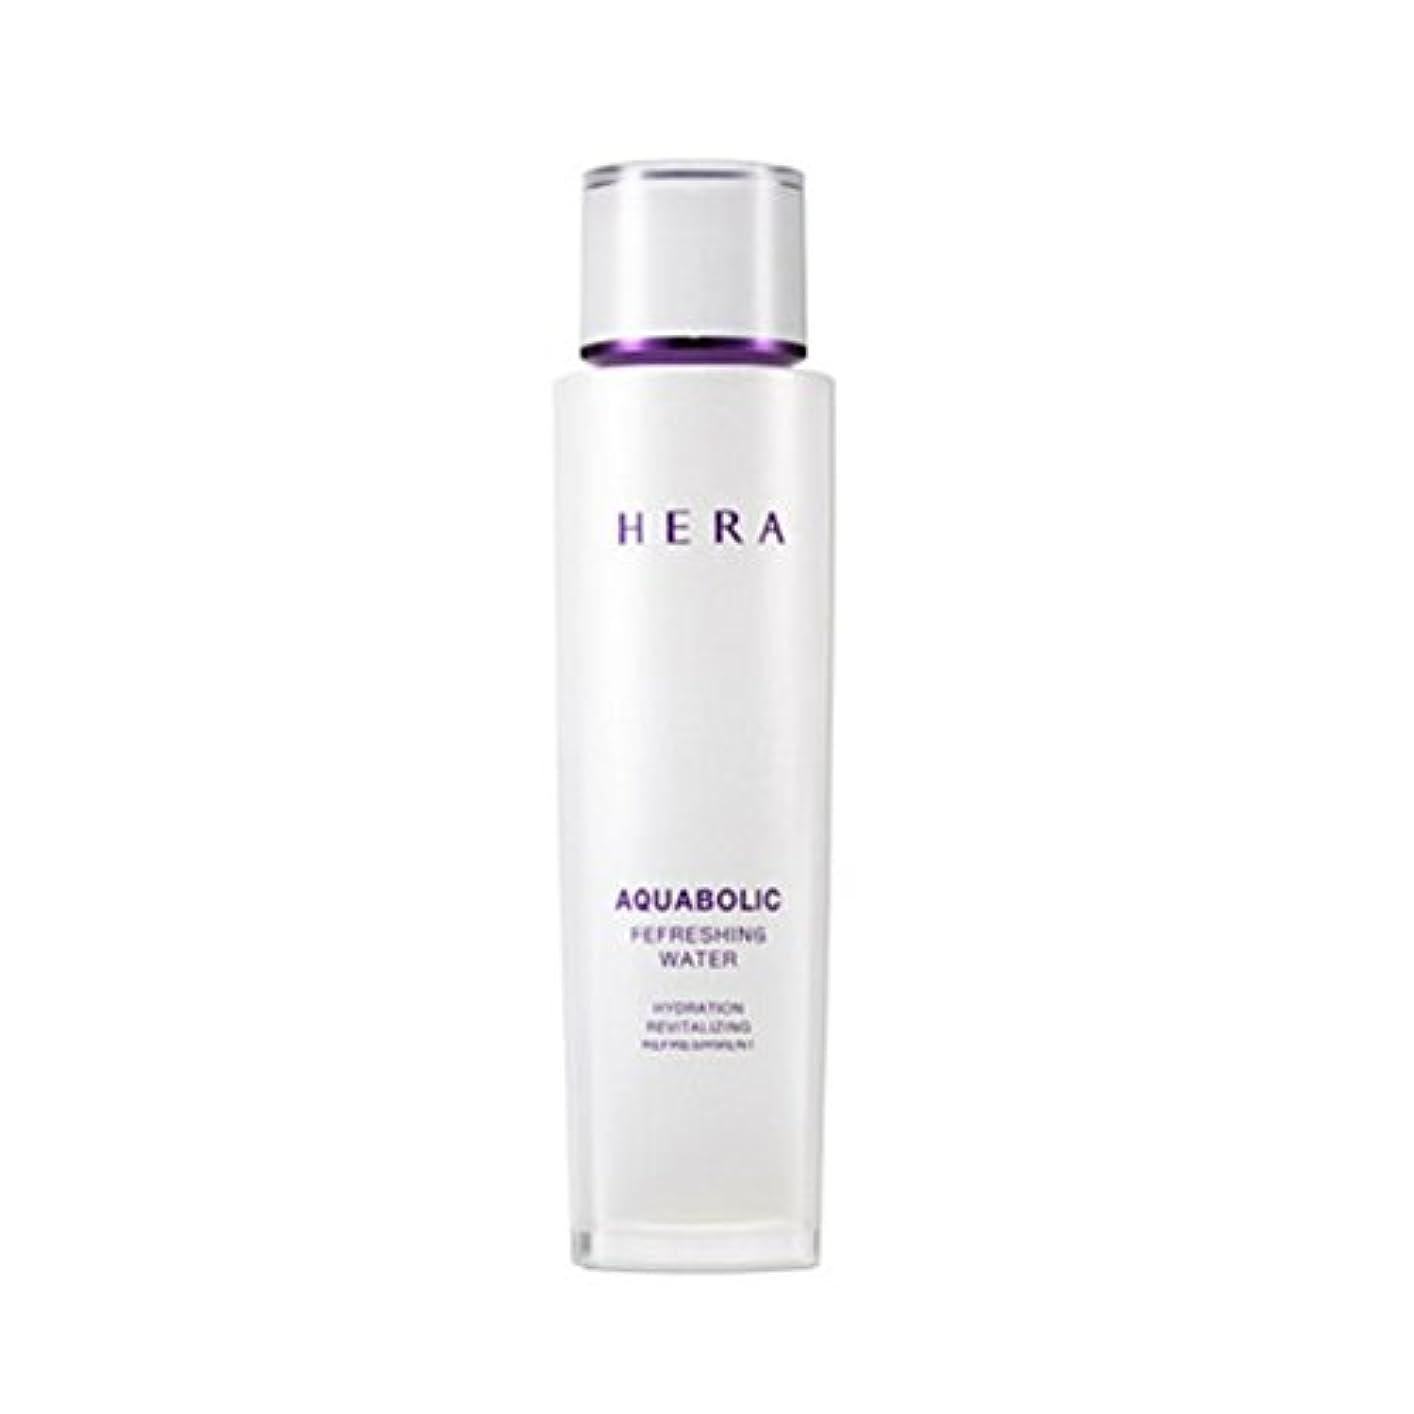 所持クレジットけん引(ヘラ) HERA アクアボリック リフレッシングウォーター (化粧水) 150ml / Aquabolic Refreshing Water 150ml (韓国直発送)